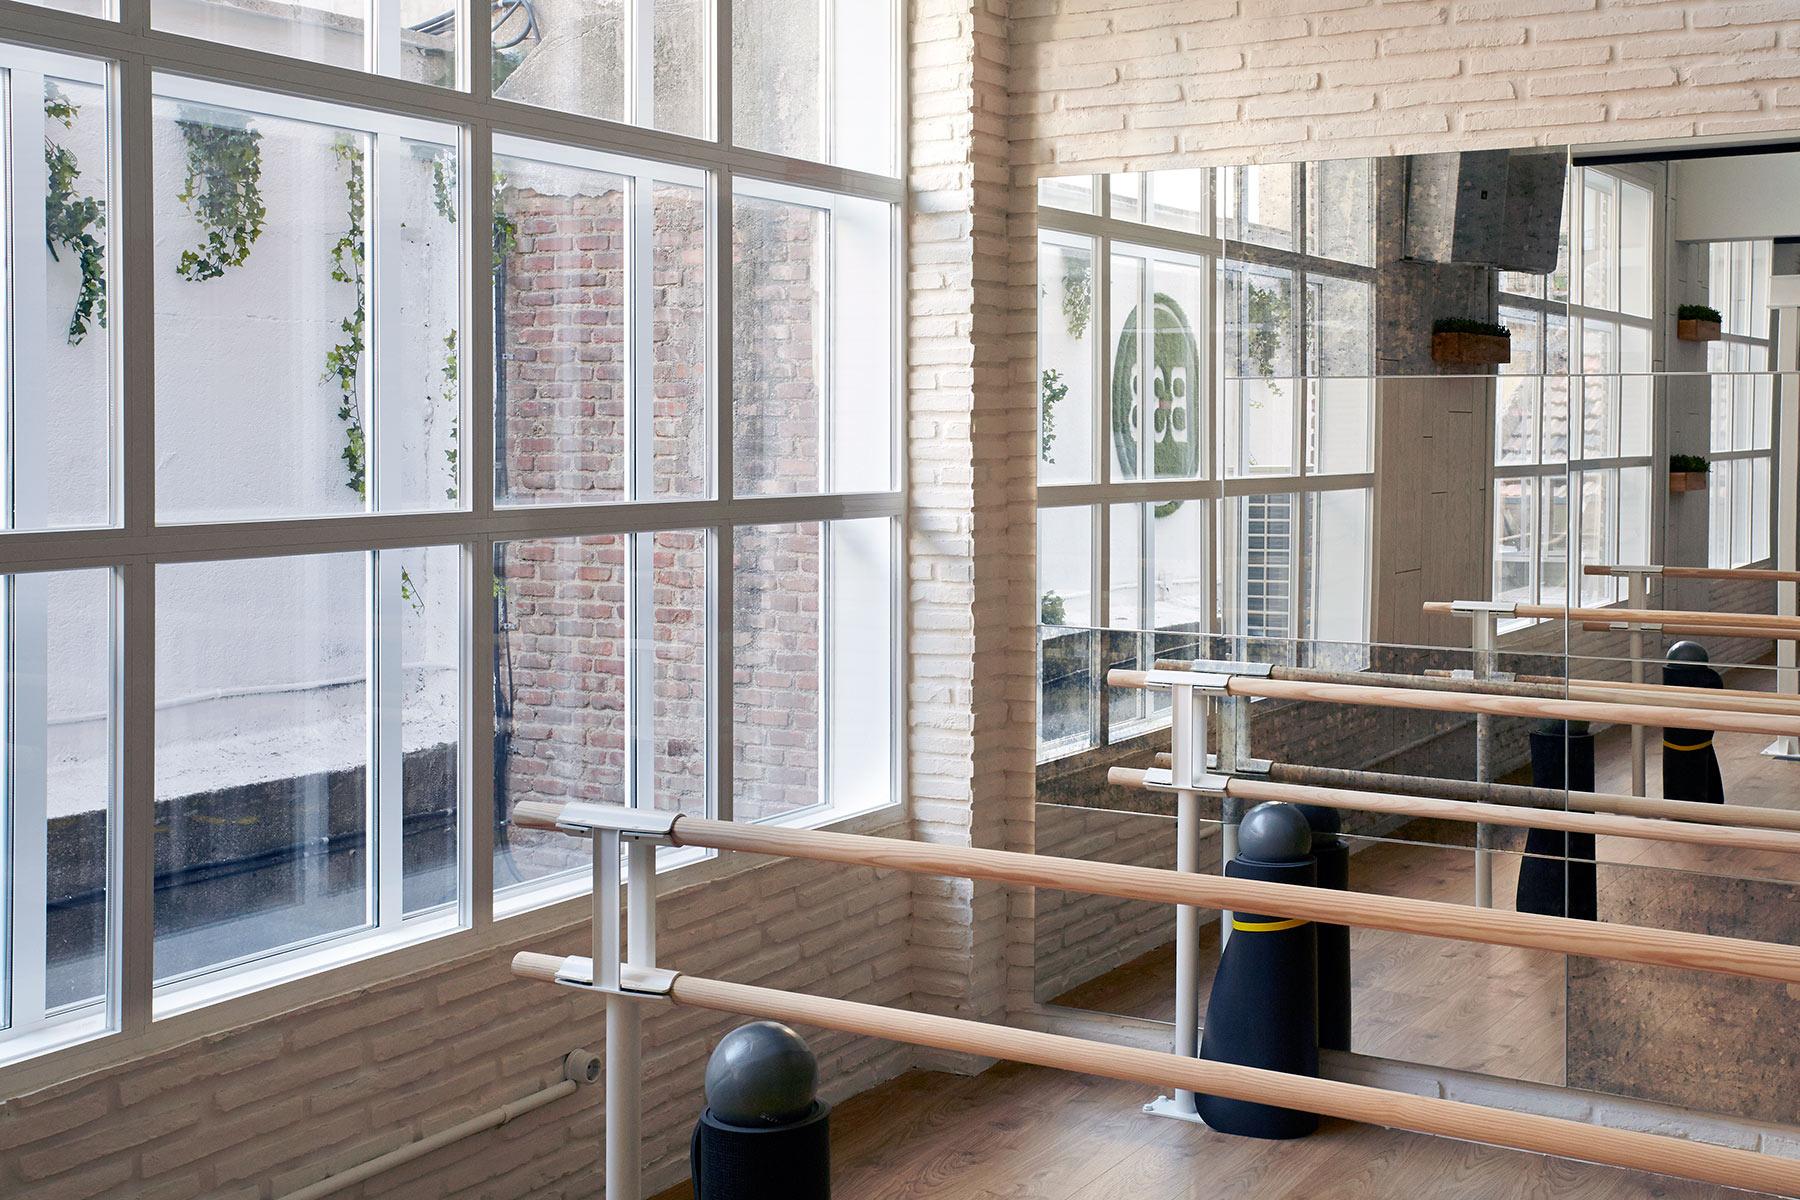 Dise o espacios singulares decoraci n gimnasio en madrid sube interiorismo - Sube interiorismo ...